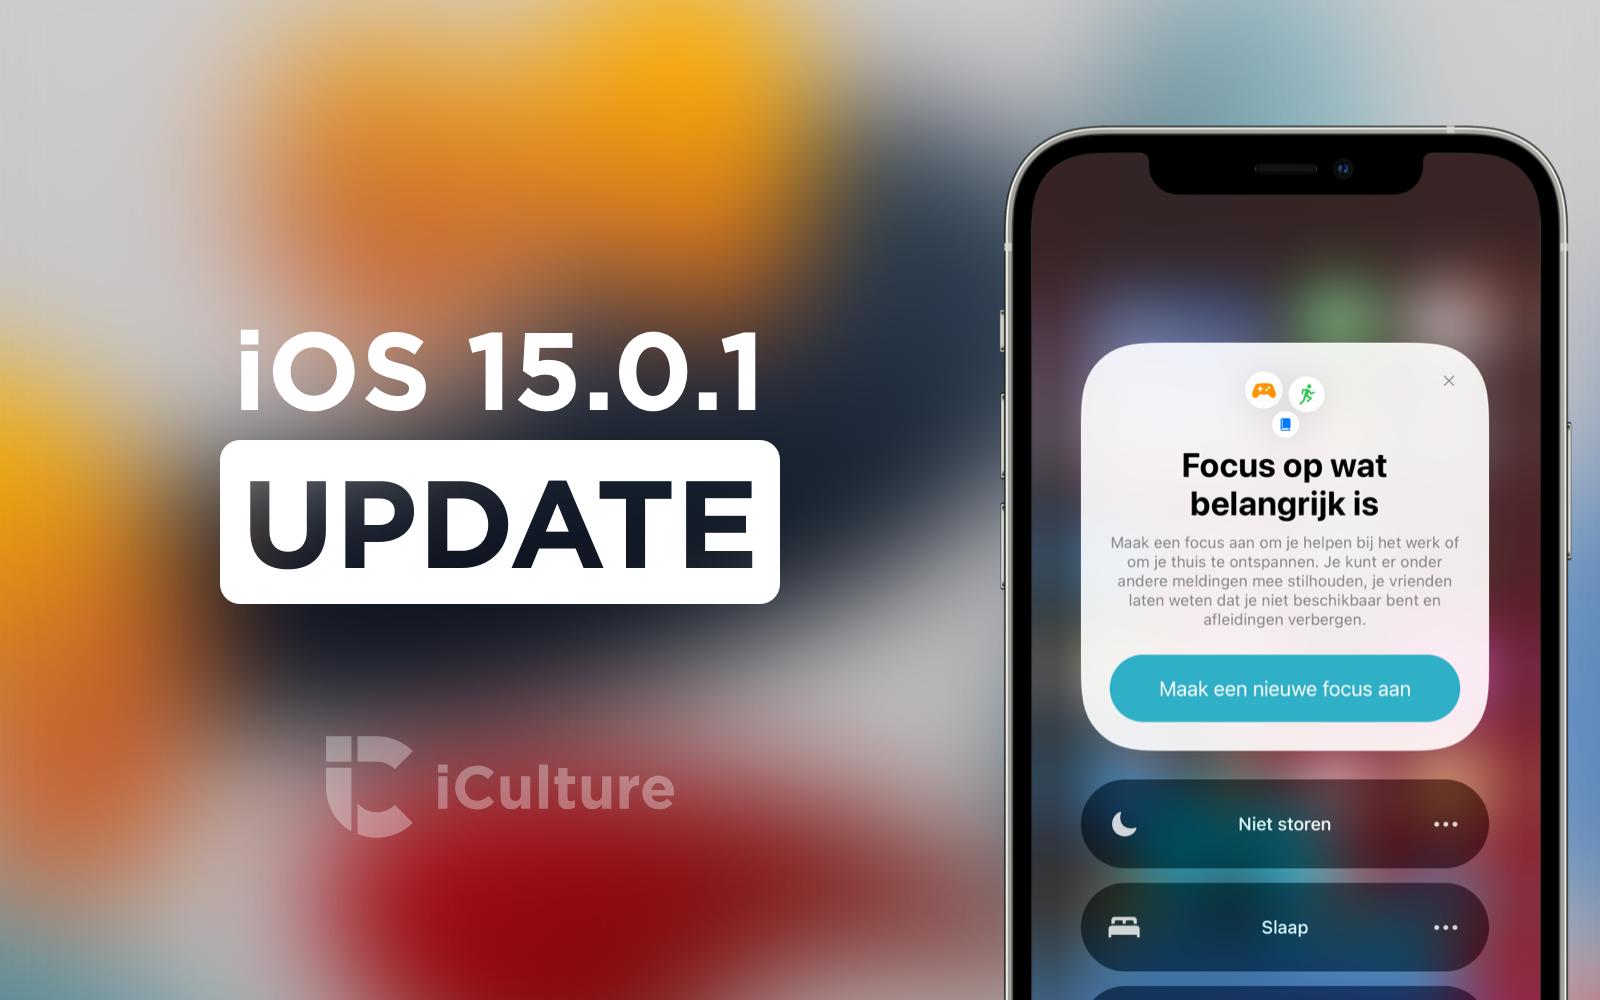 iOS 15.0.1 update.